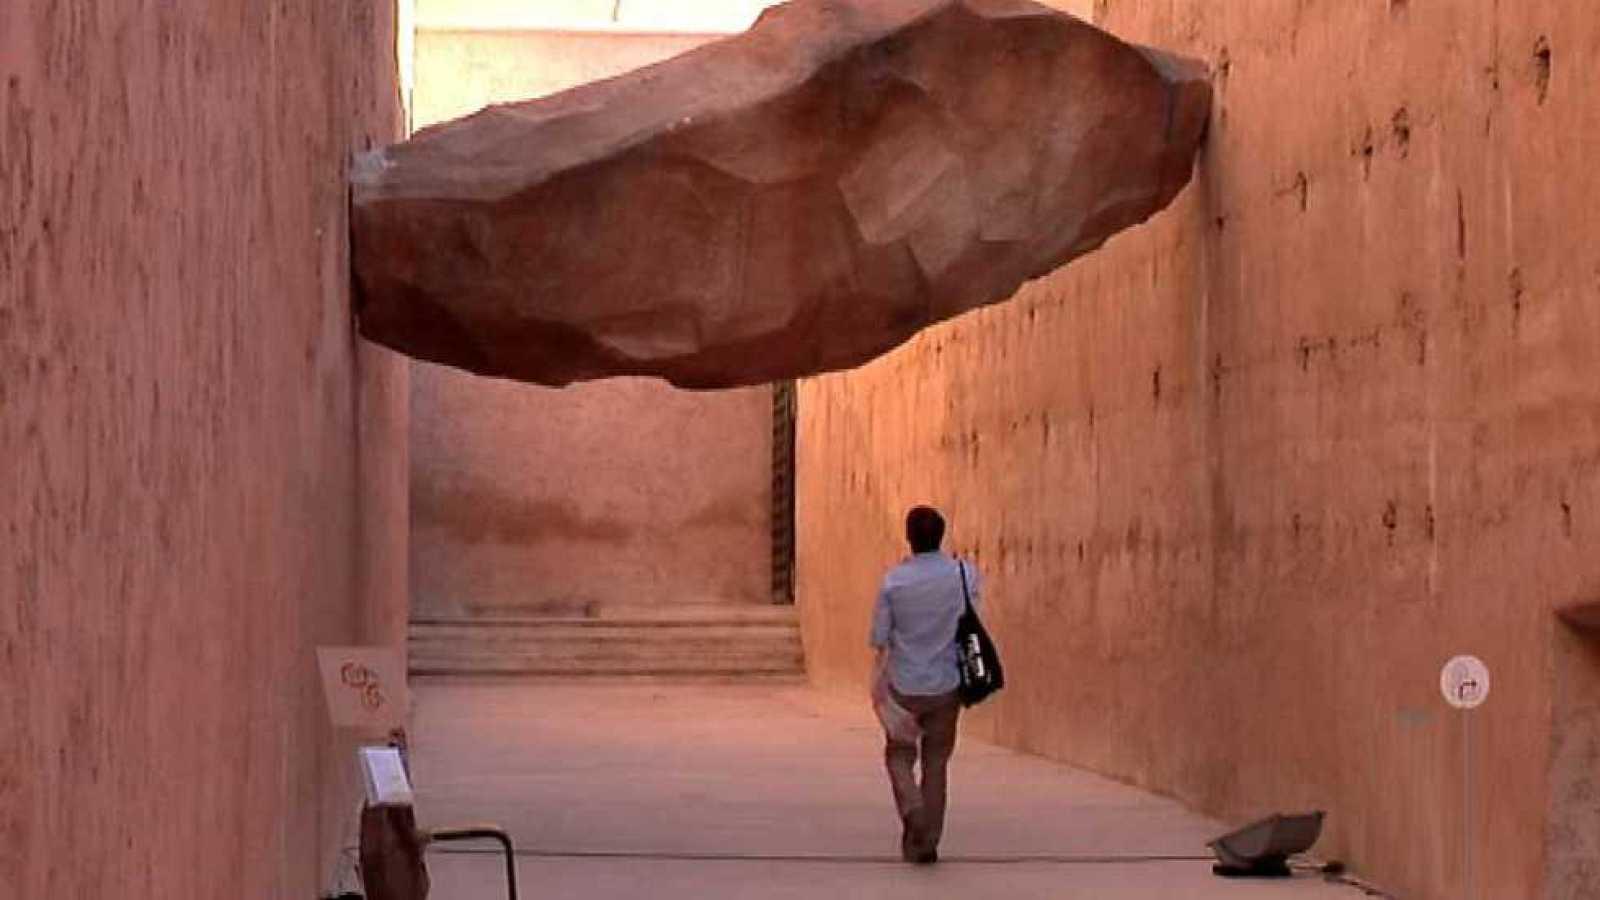 Metrópolis - VI Bienal de Marrakech (1) - Ver ahora